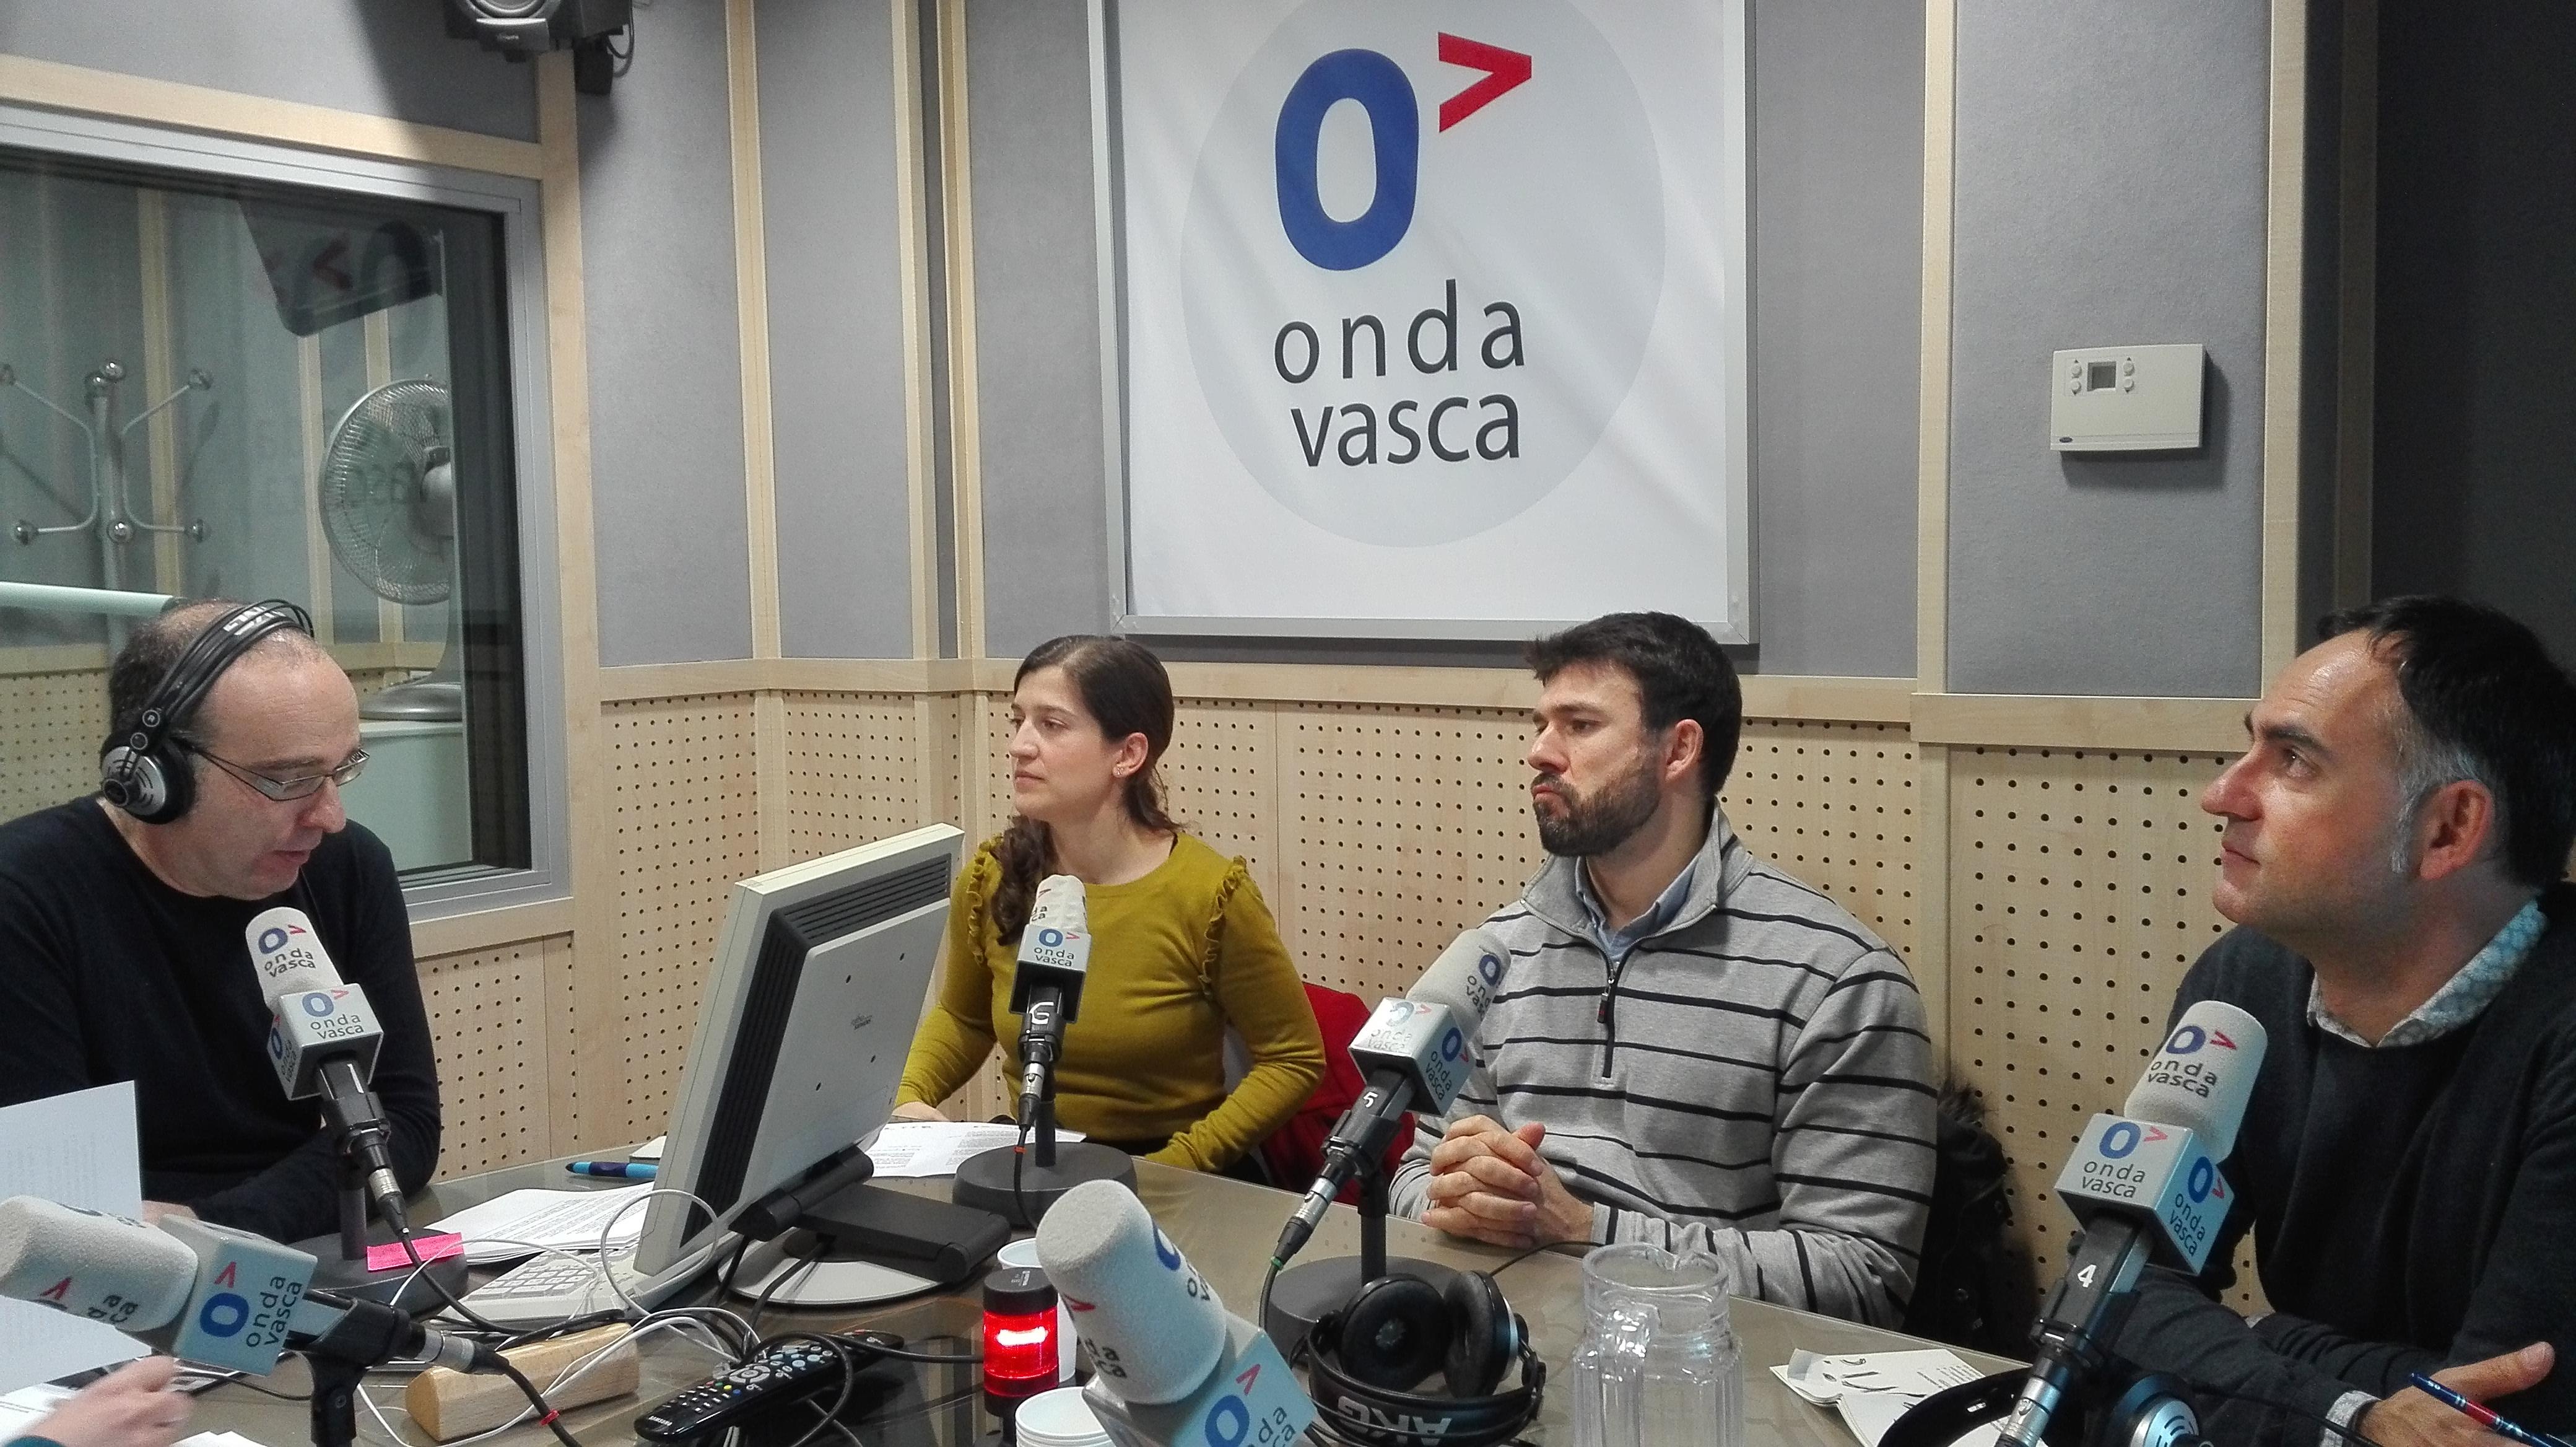 foto noticia: Kursaal Green, Cristina Enea  y Aranzadi presentamos la 2ª edición de la campaña Txoriak en Onda Vasca